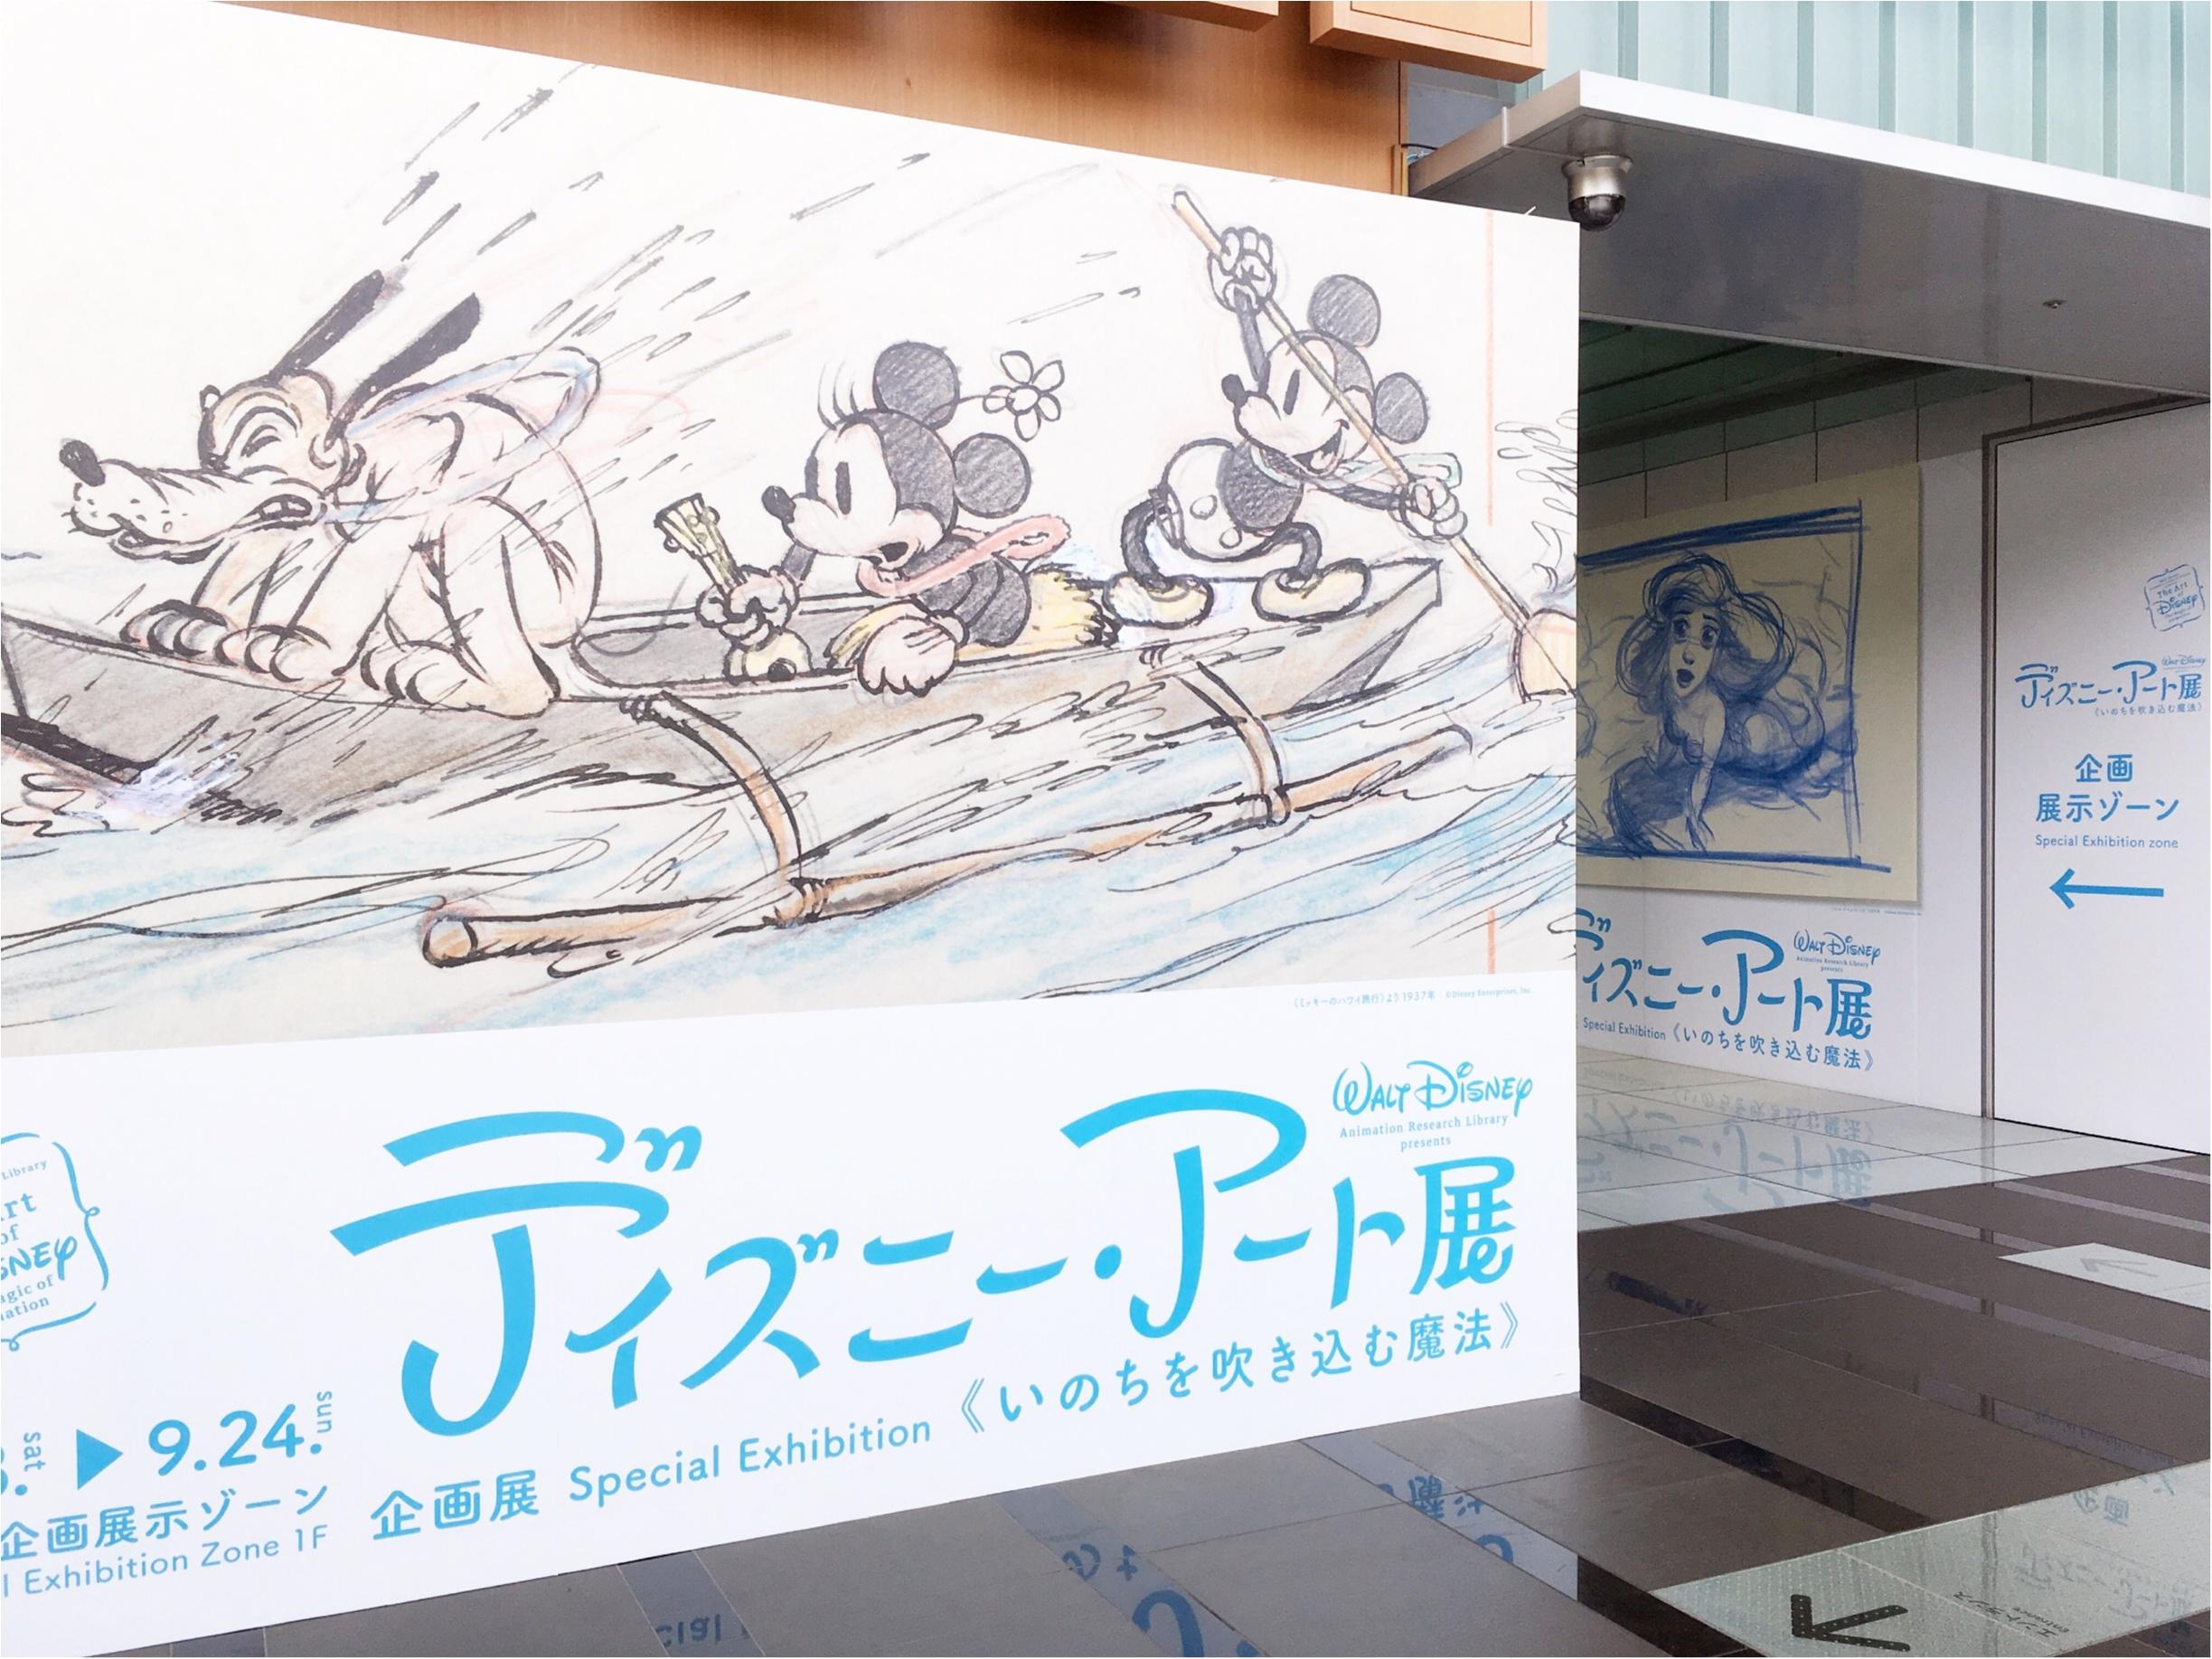 ディズニーアート展に行ってきました♡_2